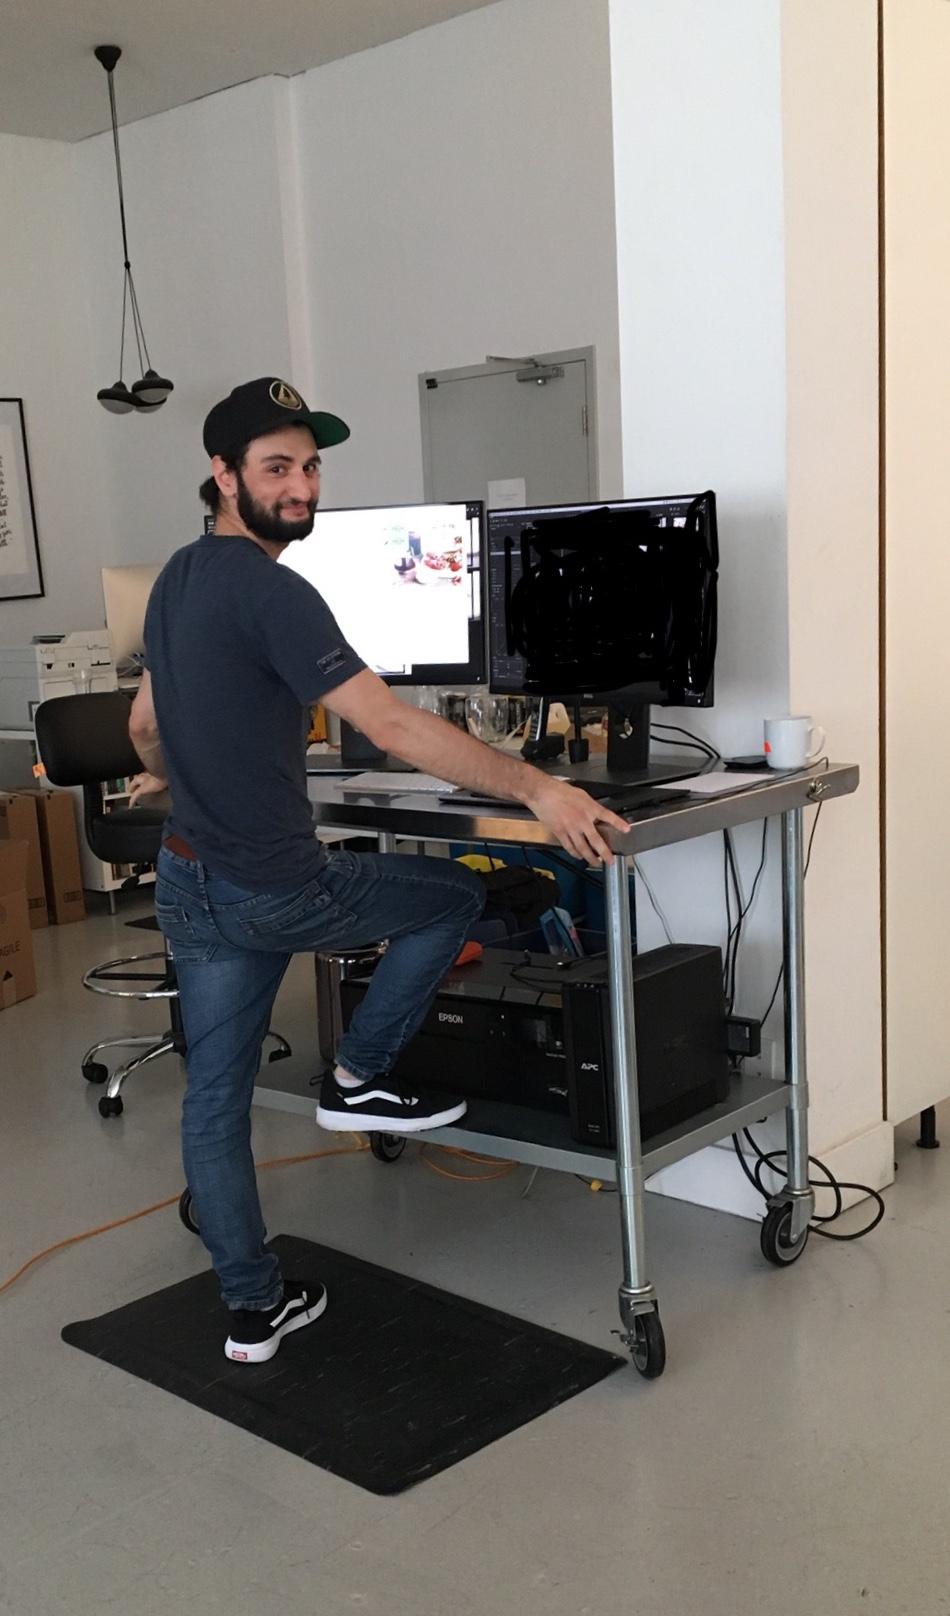 ryan vilaca at work -